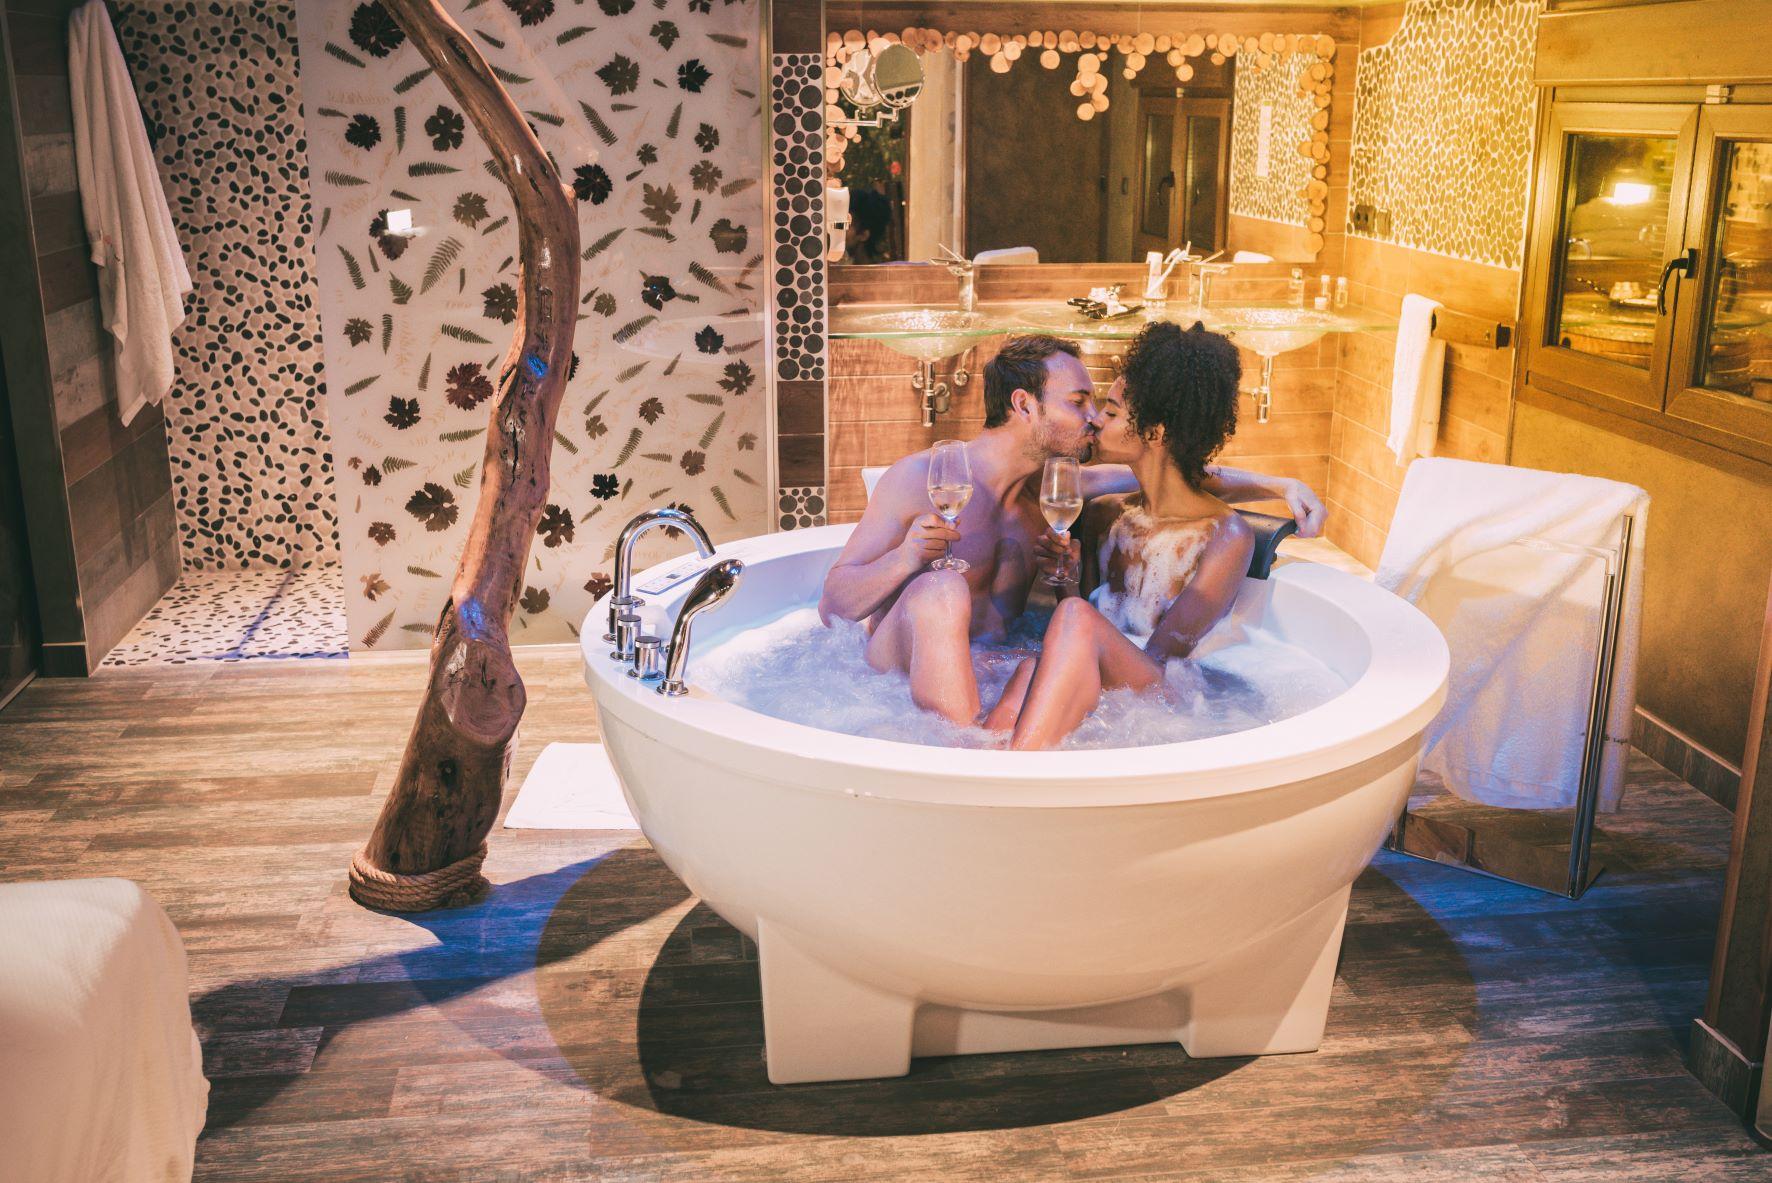 Romantica, elegante: suite con jacuzzi roma